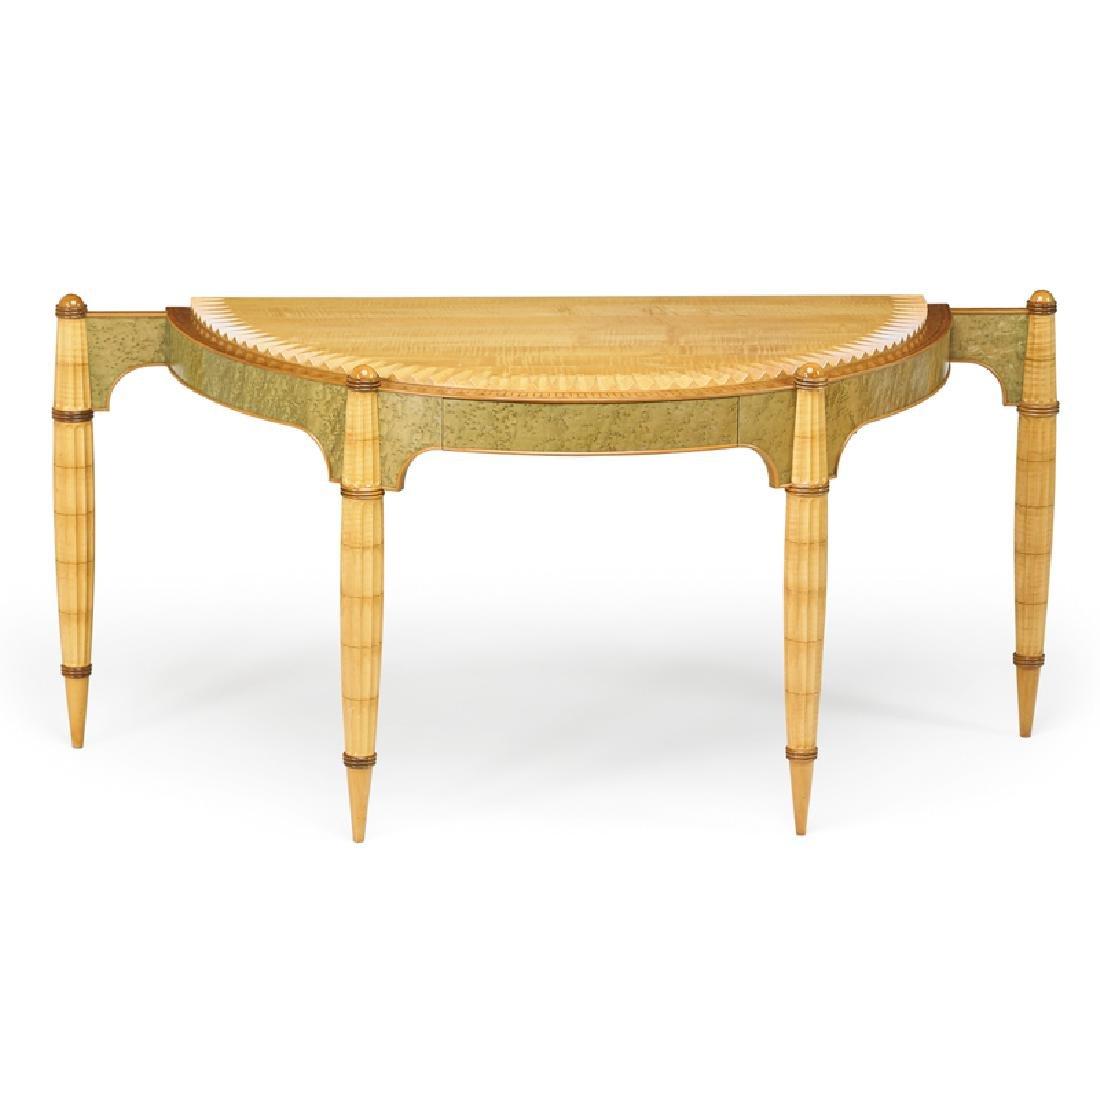 STEPHEN SMITH DANIELL Demi-lune table/desk